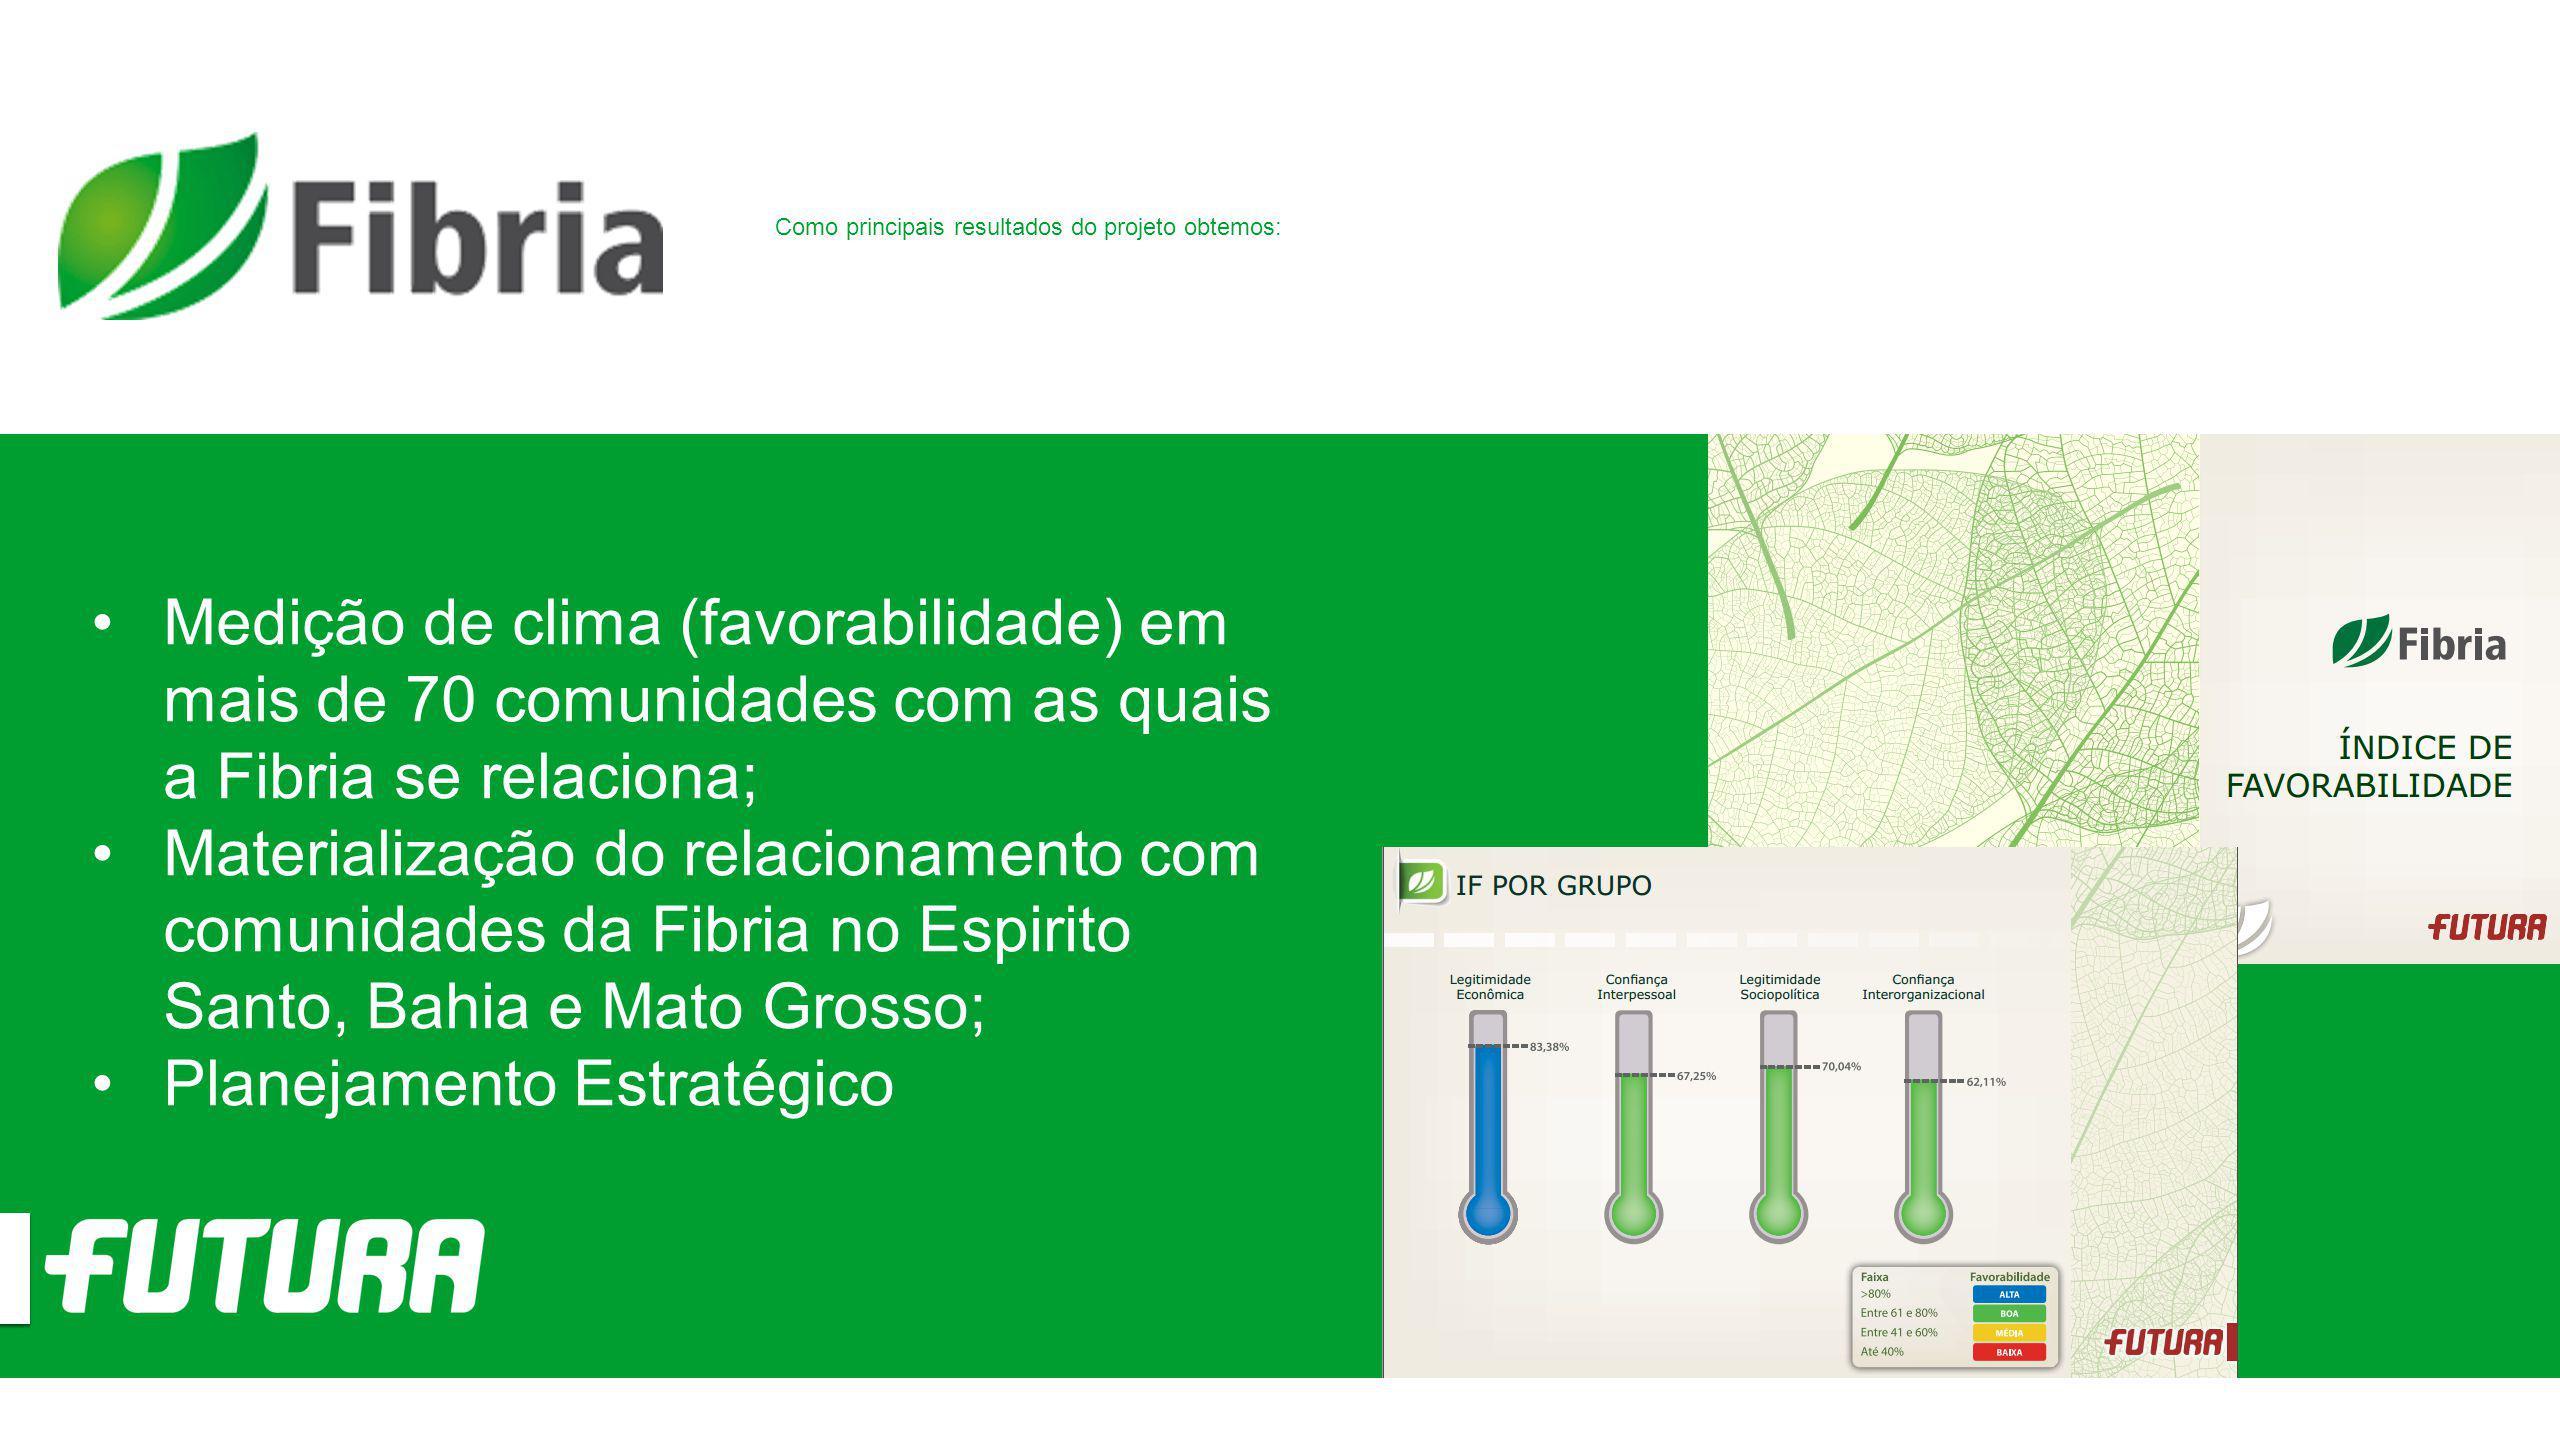 Medição de clima (favorabilidade) em mais de 70 comunidades com as quais a Fibria se relaciona; Materialização do relacionamento com comunidades da Fi